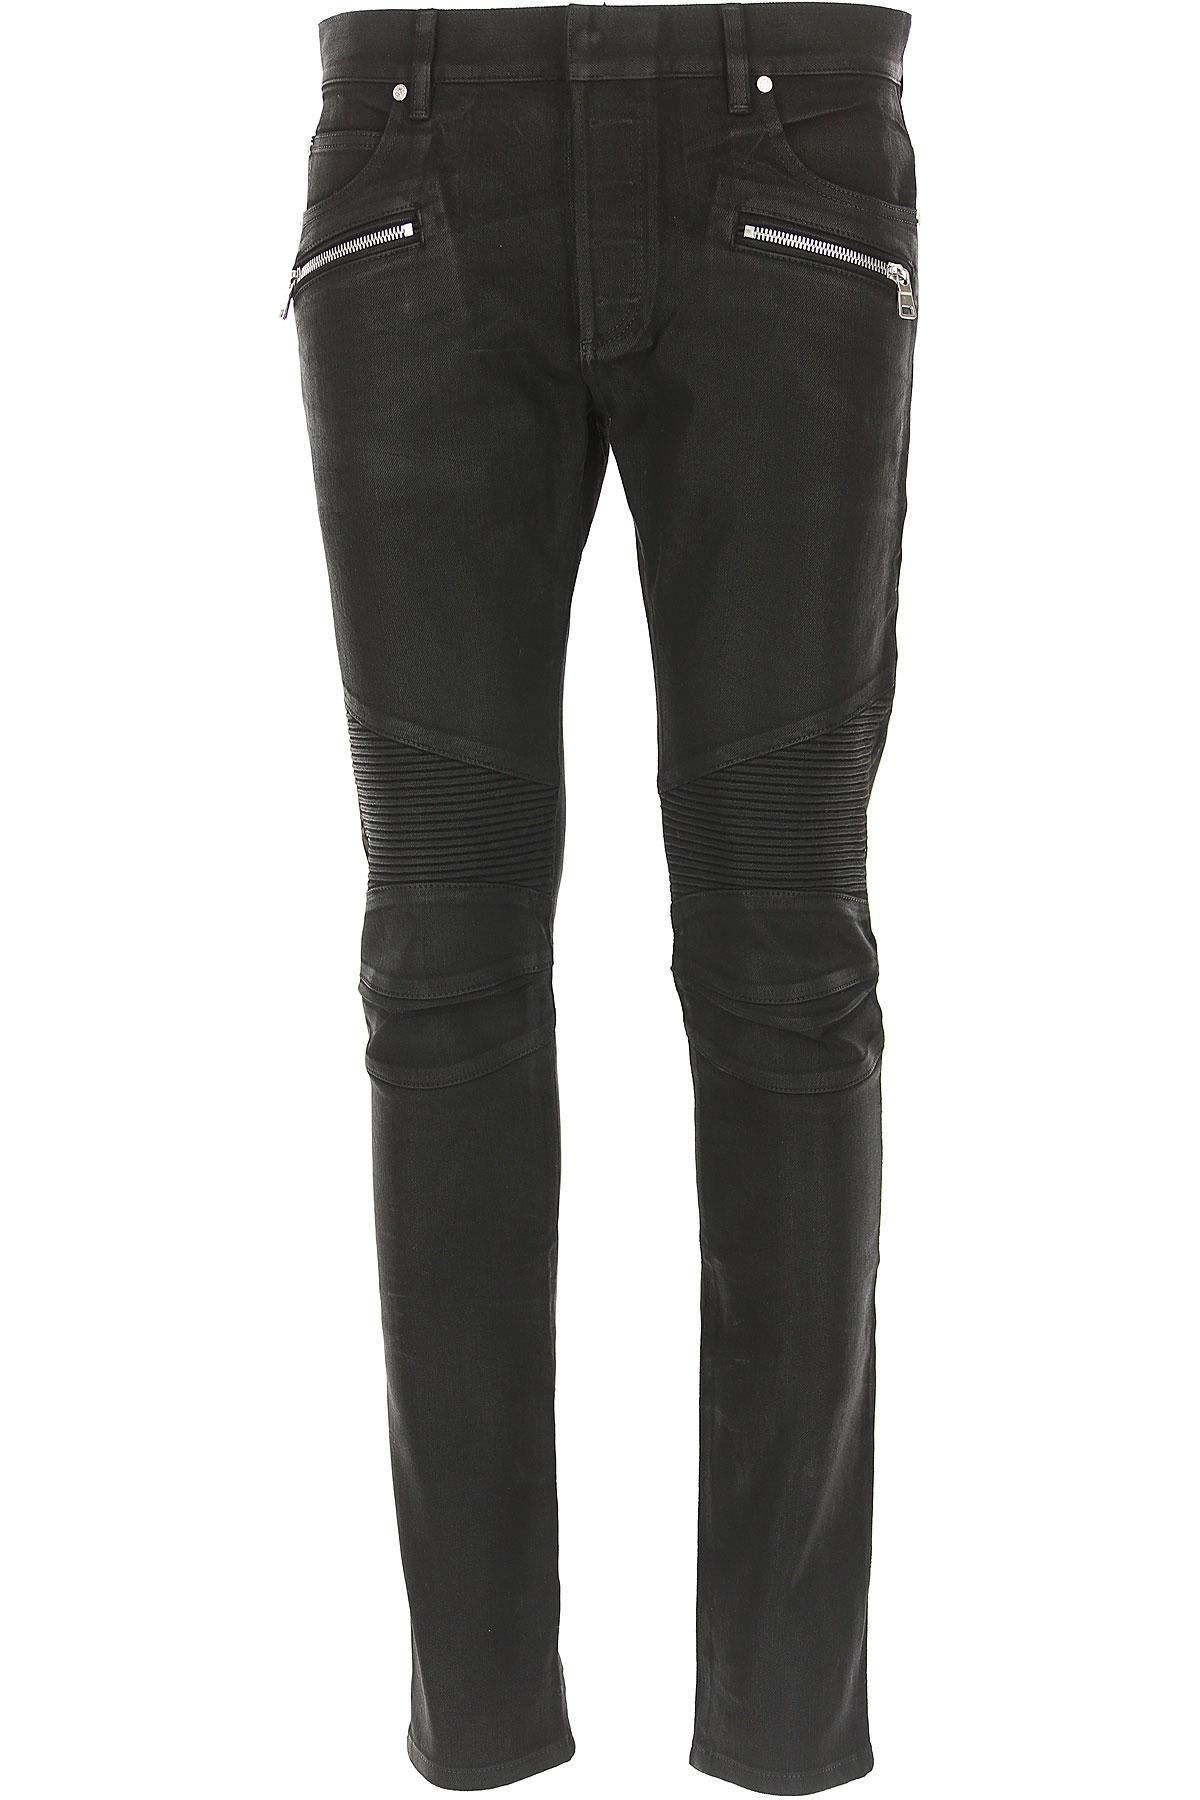 Balmain Jeans, Black, Cotton, 2017, 29 30 31 32 33 34